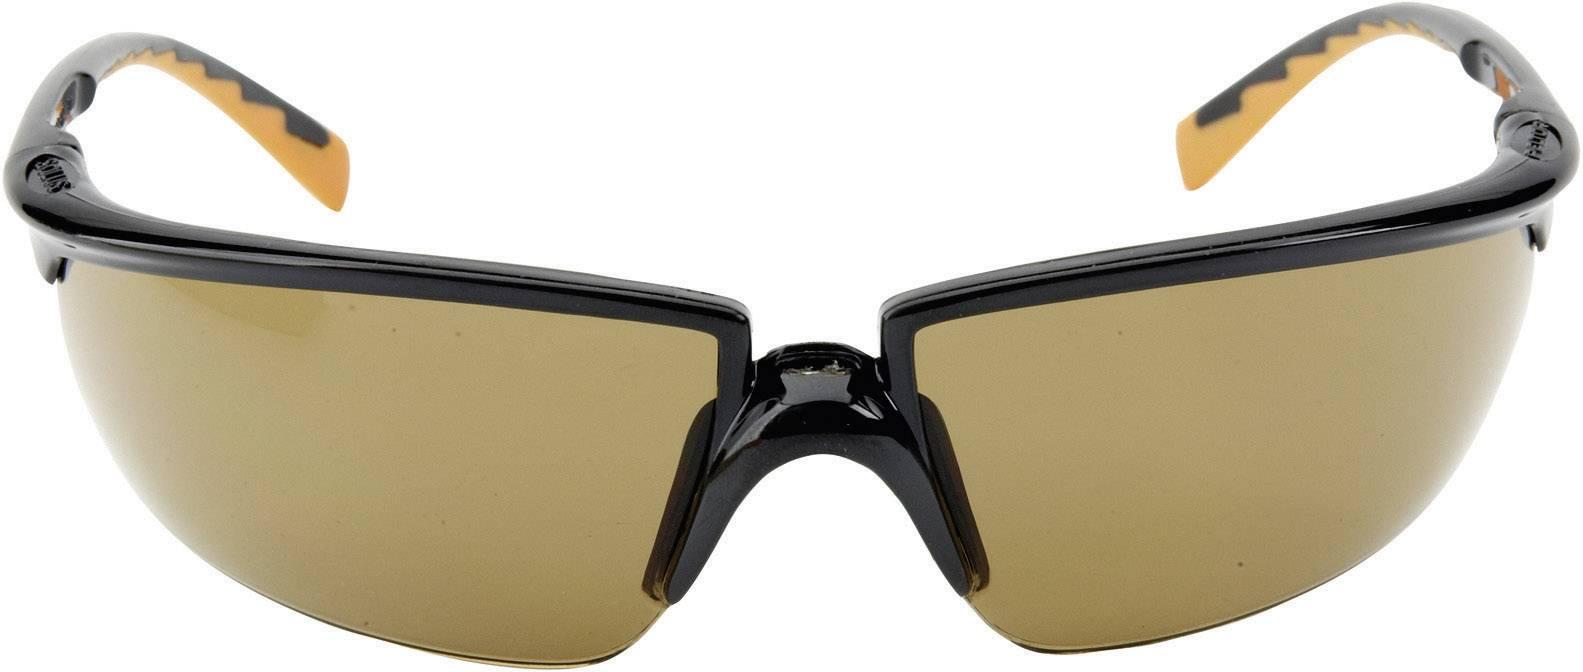 Ochranné okuliare 3M Solus, bronz